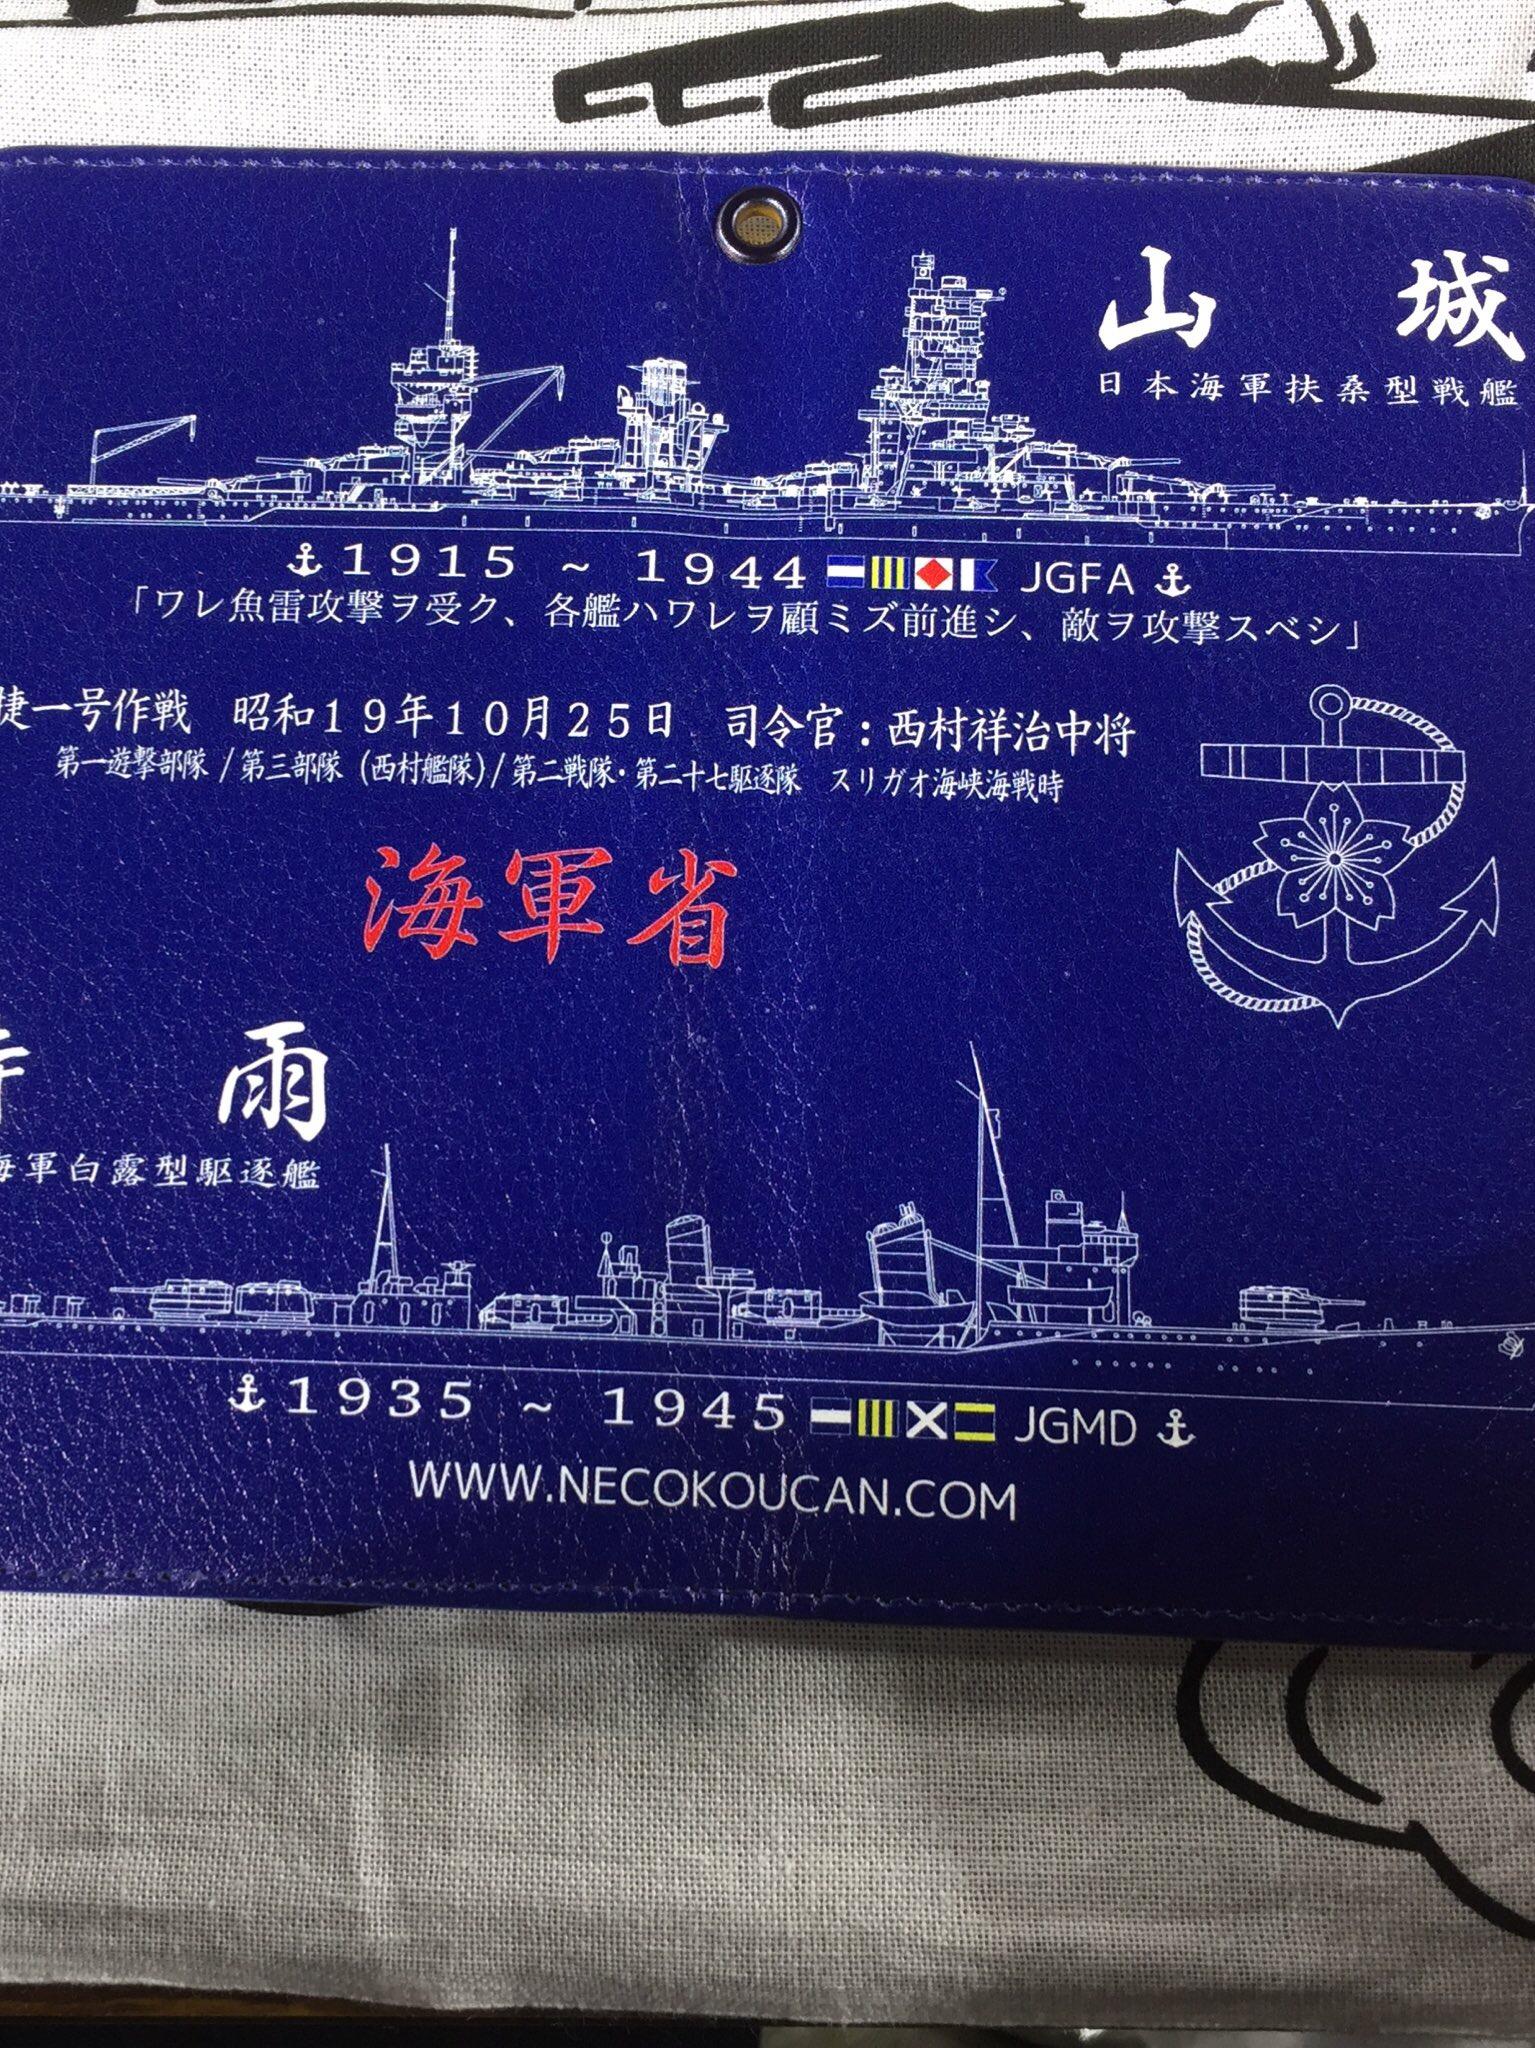 戦艦山城・駆逐艦時雨スマートフォンケース販売開始しました。